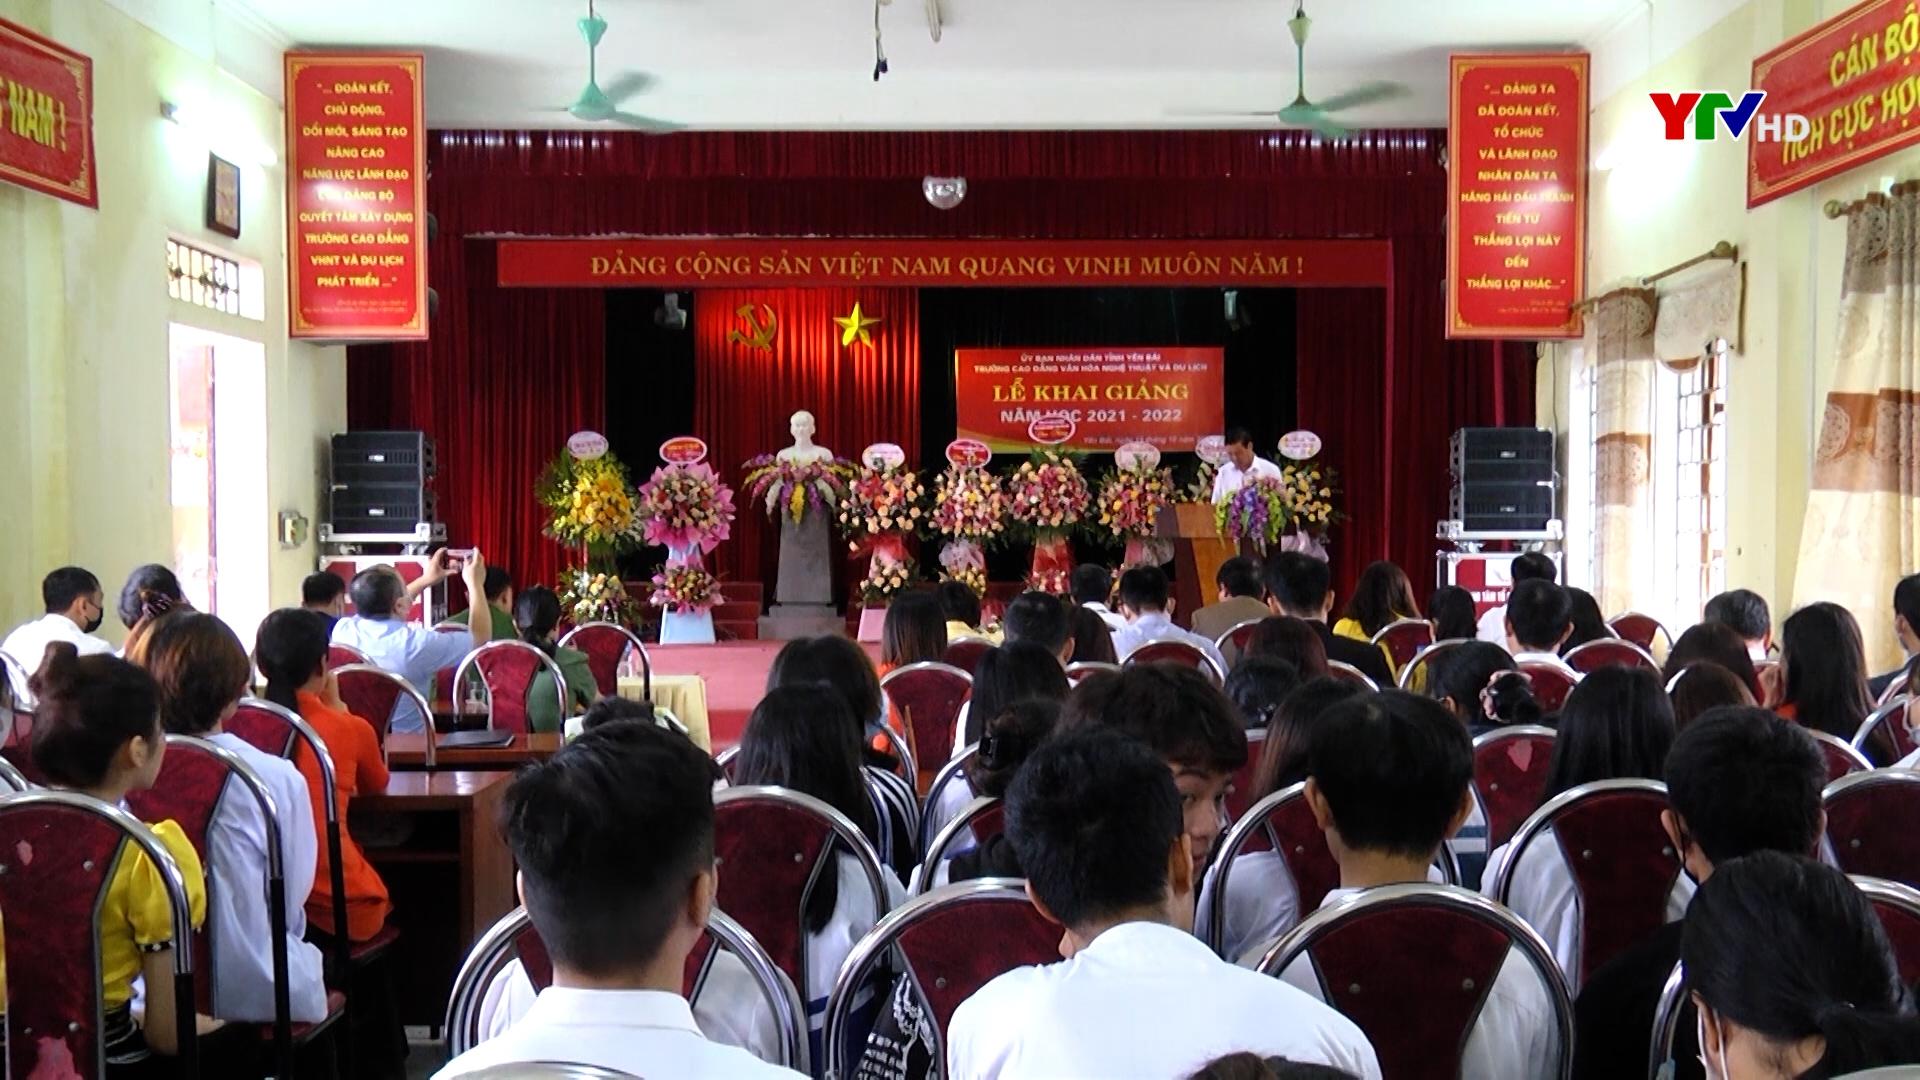 Trường Cao đẳng Văn hóa nghệ thuật và Du lịch Yên Bái khai giảng năm học mới